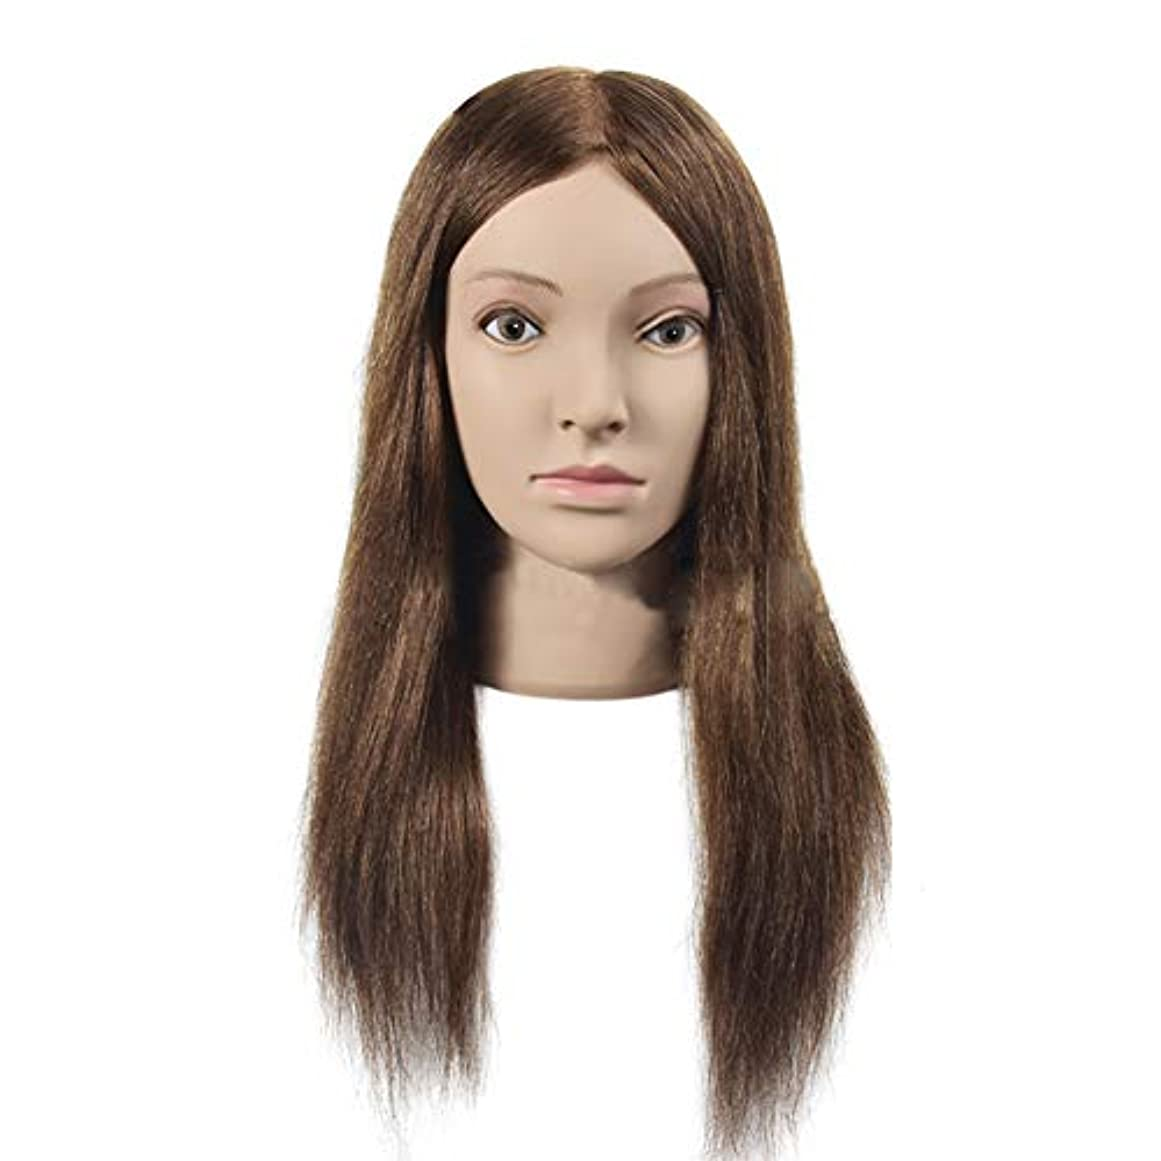 出くわす彼自身変化専門の練習ホット染色漂白はさみモデリングマネキン髪編組髪かつら女性モデルティーチングヘッド